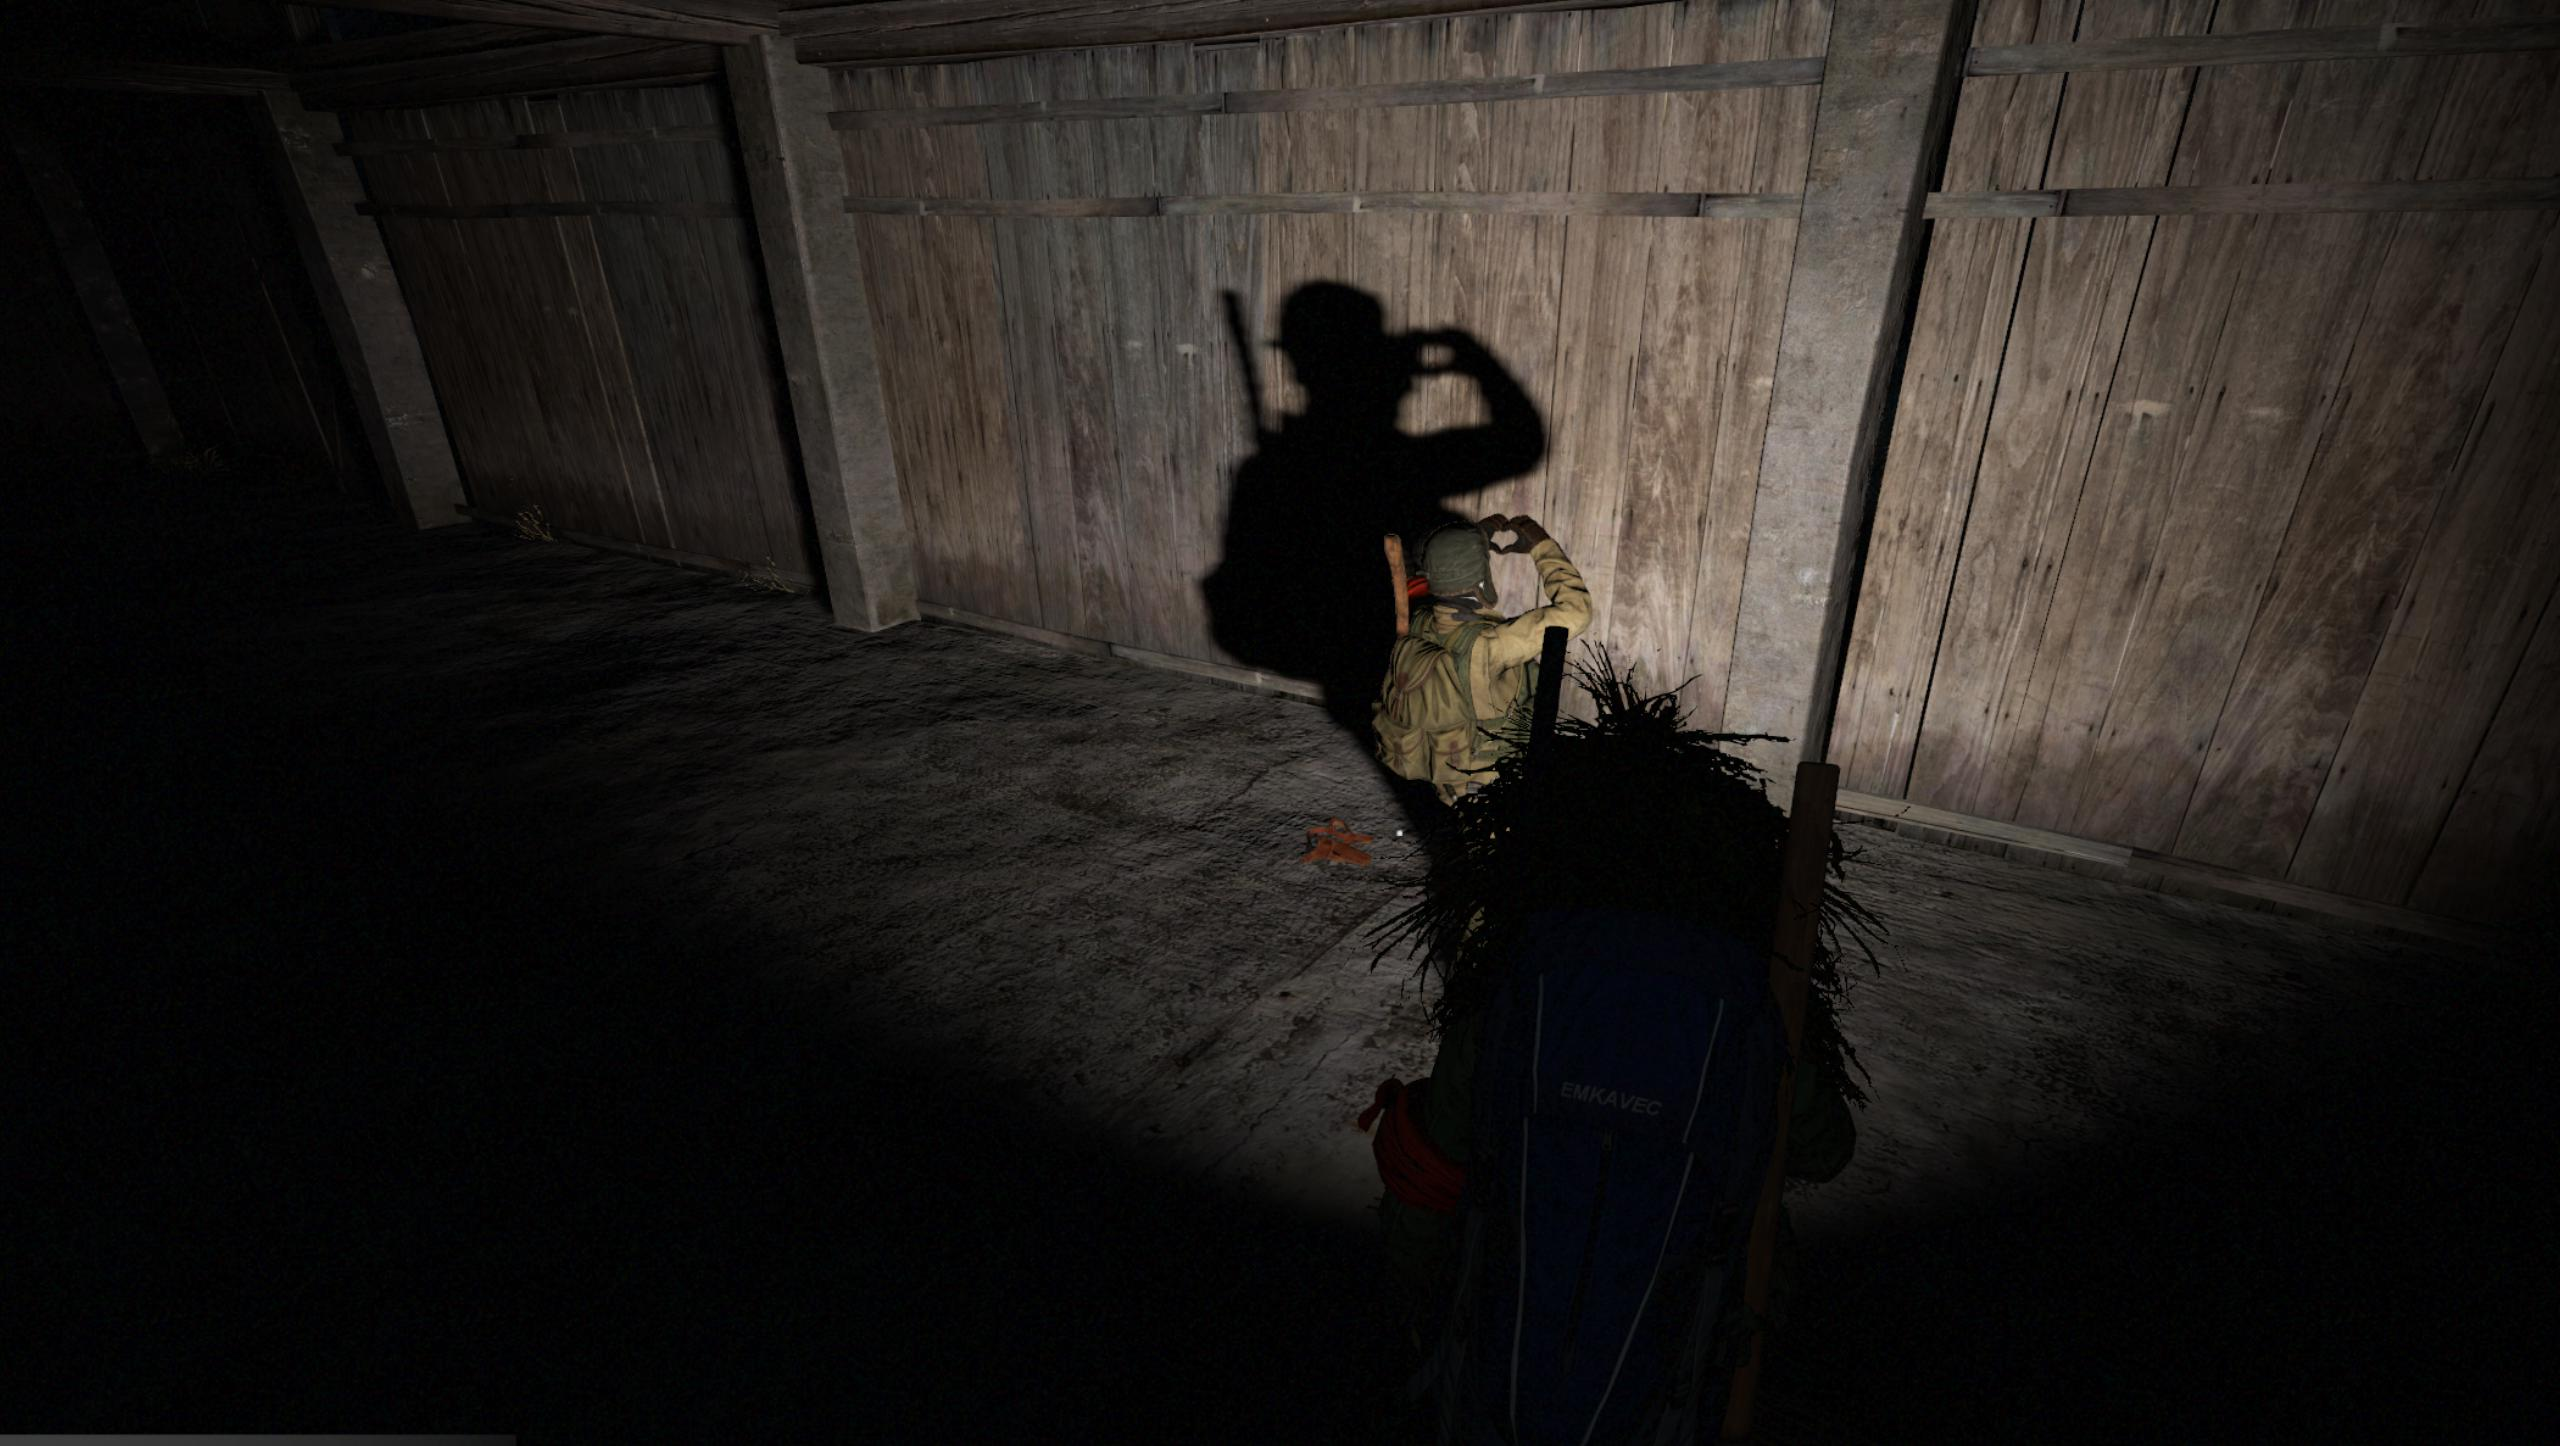 Rgm-clan-dayz-namalsk-survival-hardcore-6